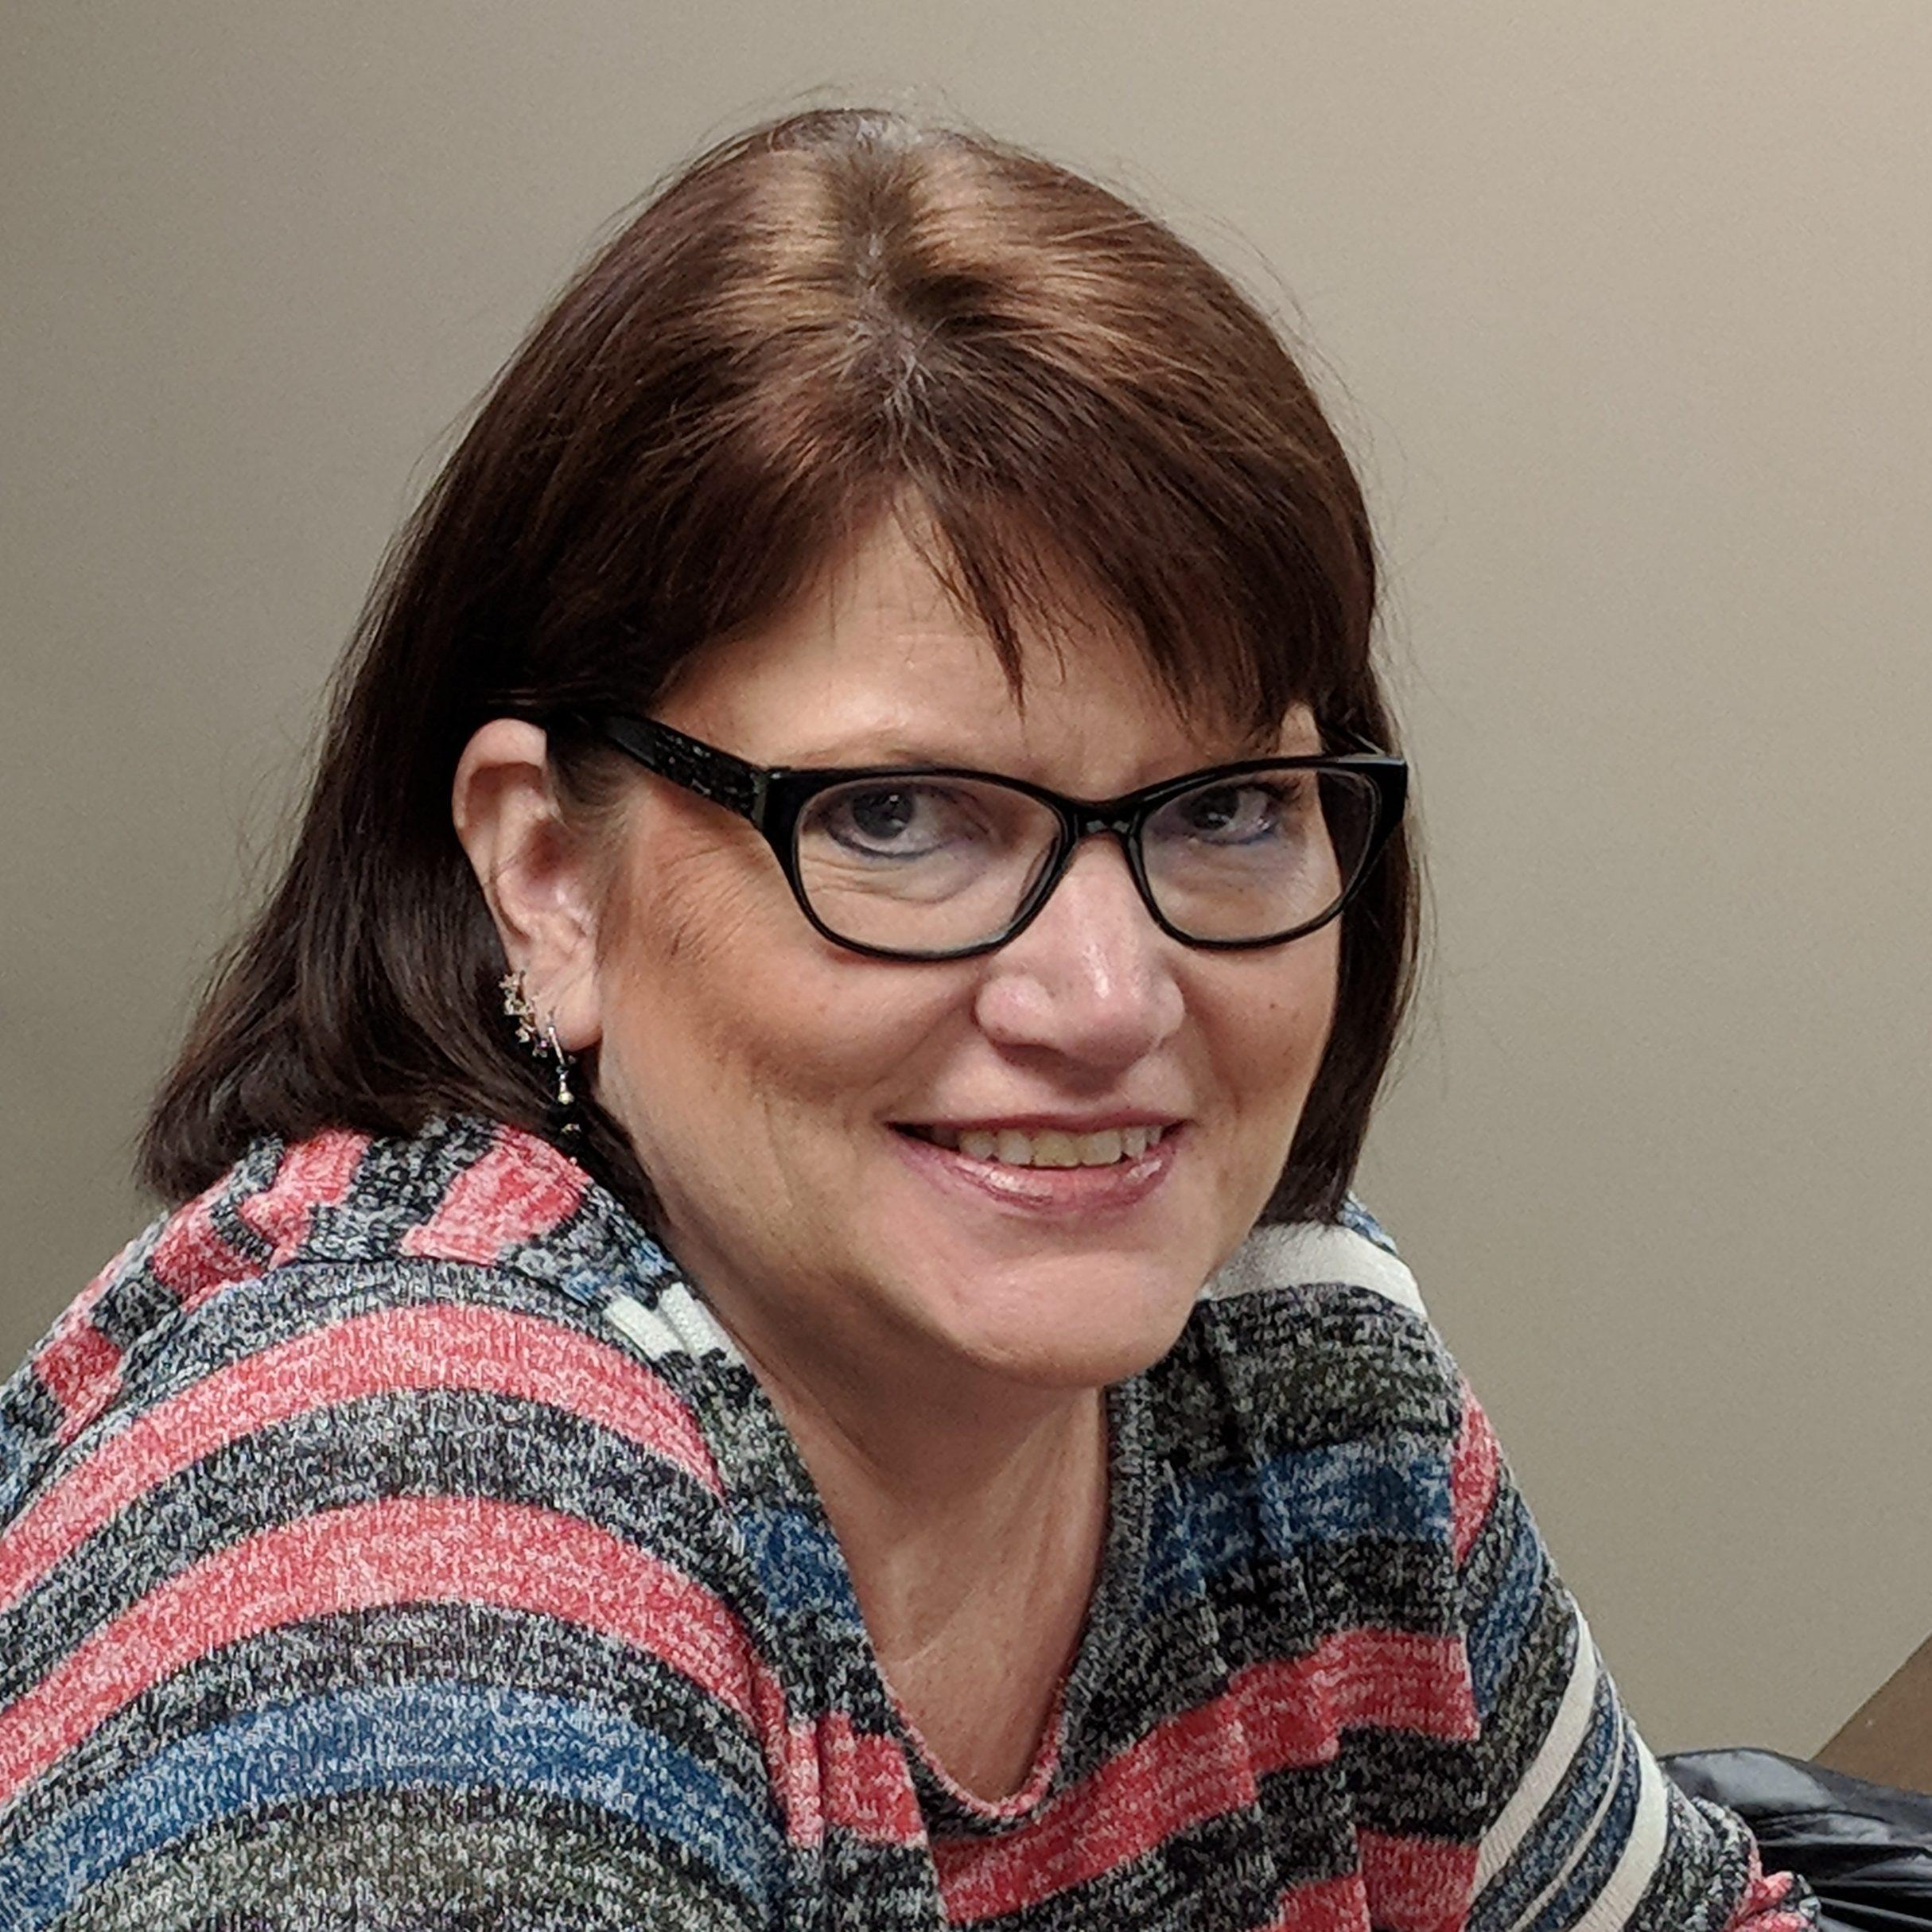 Annette Reiter